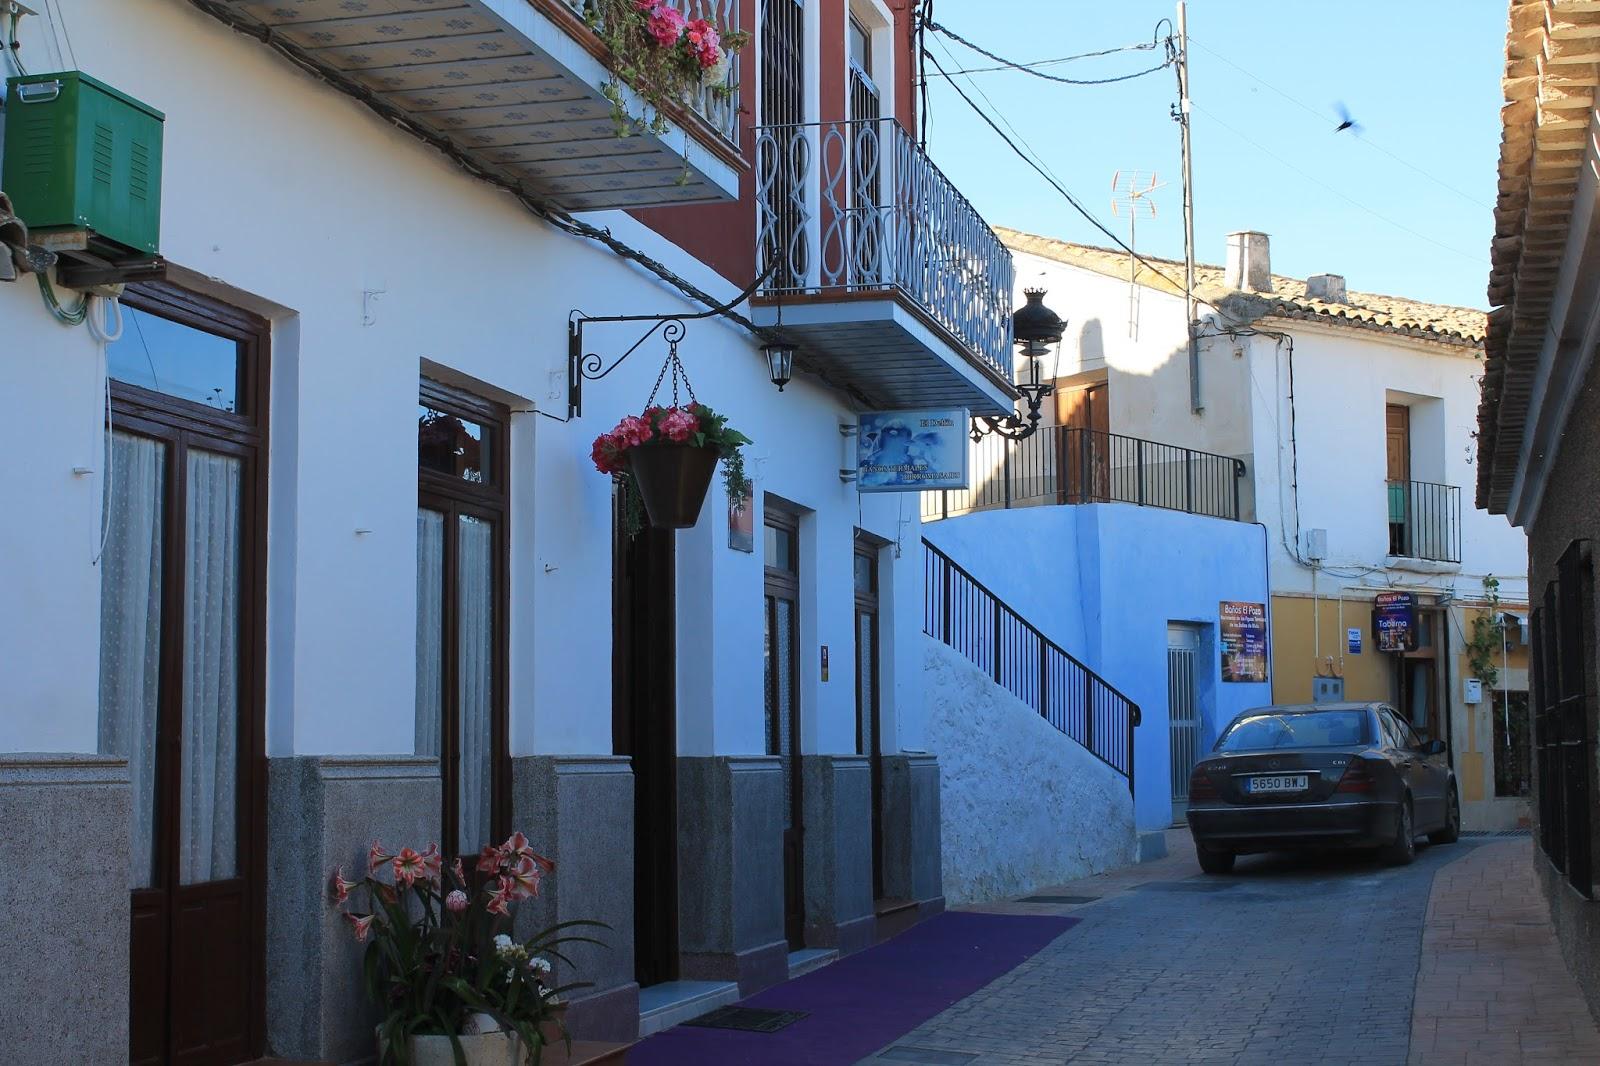 Baños De Mula El Pozo | A Diez Minutos Del Centro 293 Mula La Puebla De Mula Iglesia